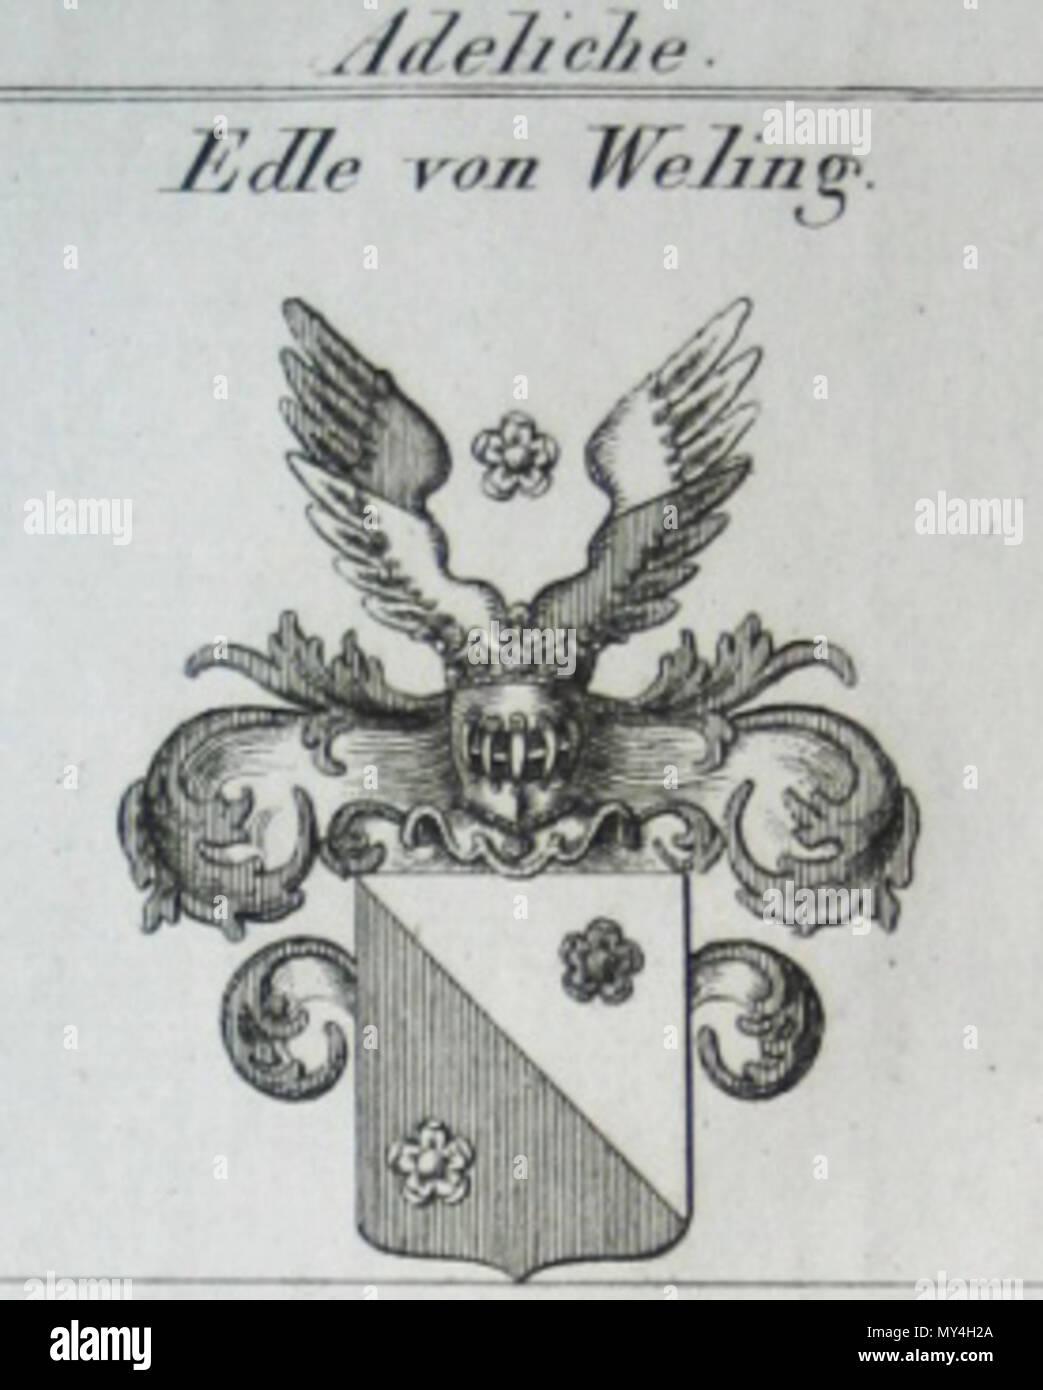 . Deutsch: Wappen der bayerischen Adelsfamilie der Edlen von Weling, nobilitiert 1816, ausgestorben 1872 . 23 November 2009, 12:01:51. zeitgenössischer Stecher, um 1820 153 Edle von Weling - Stock Image